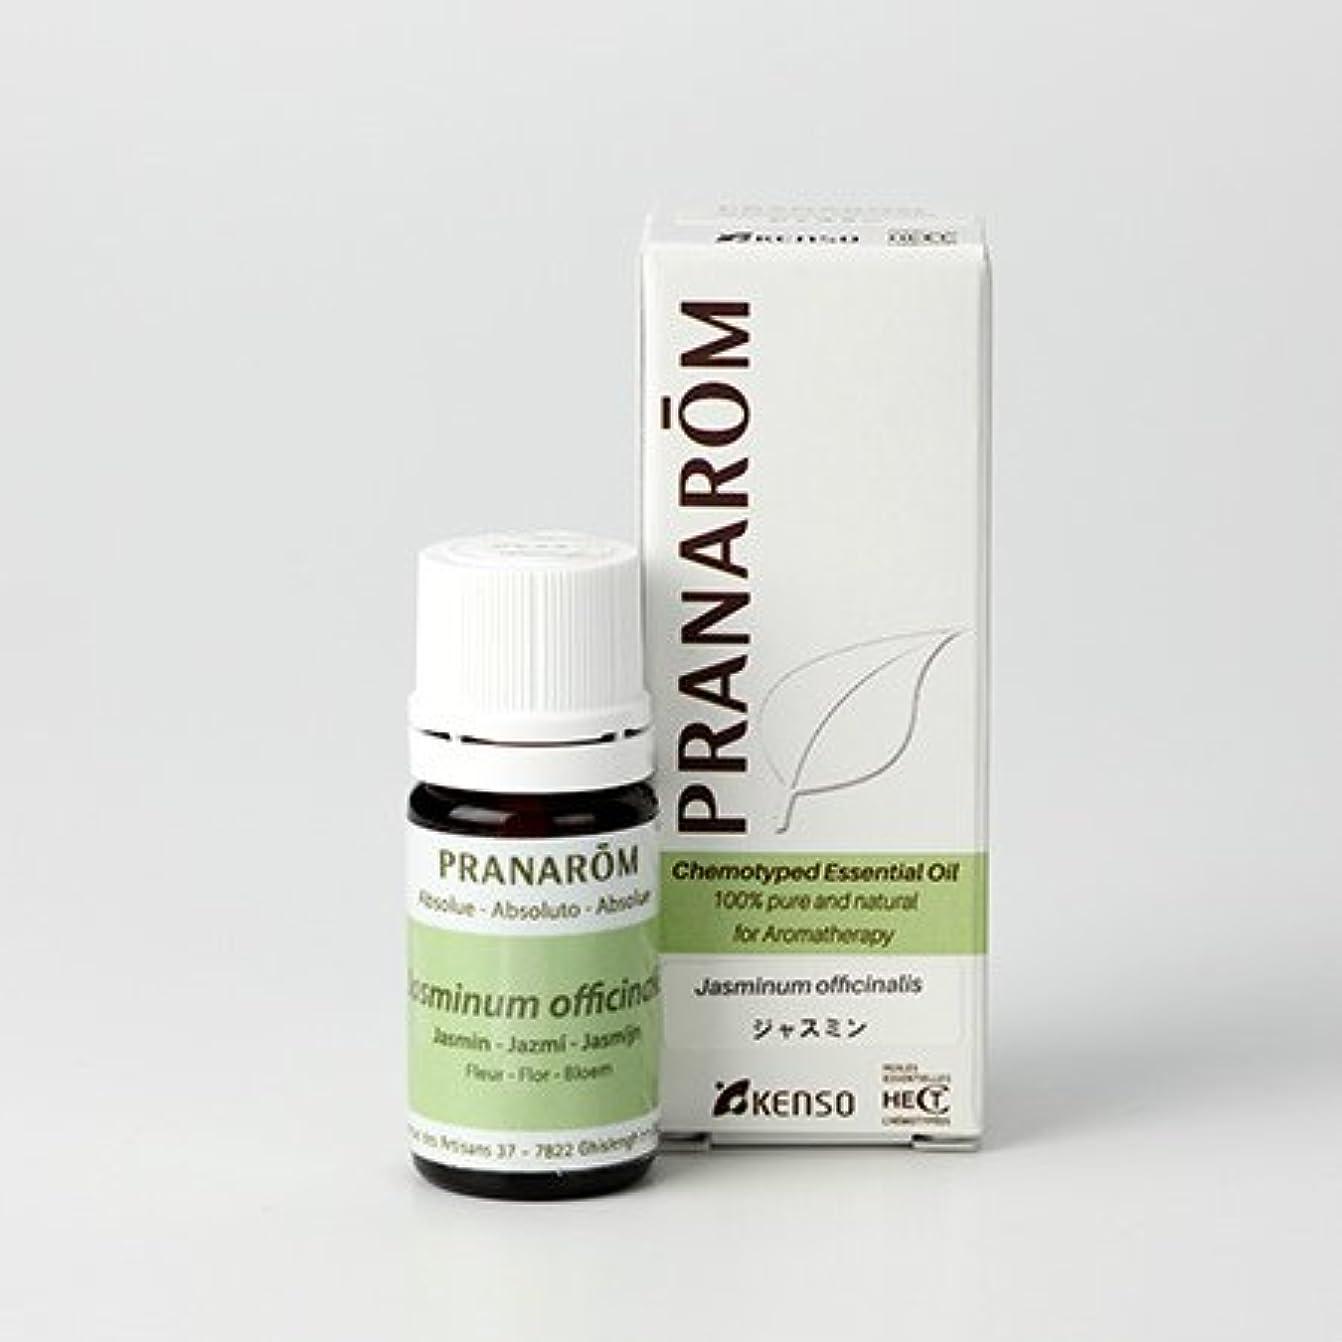 六防衛食事プラナロム ジャスミンAbs. 5ml (PRANAROM ケモタイプ精油)